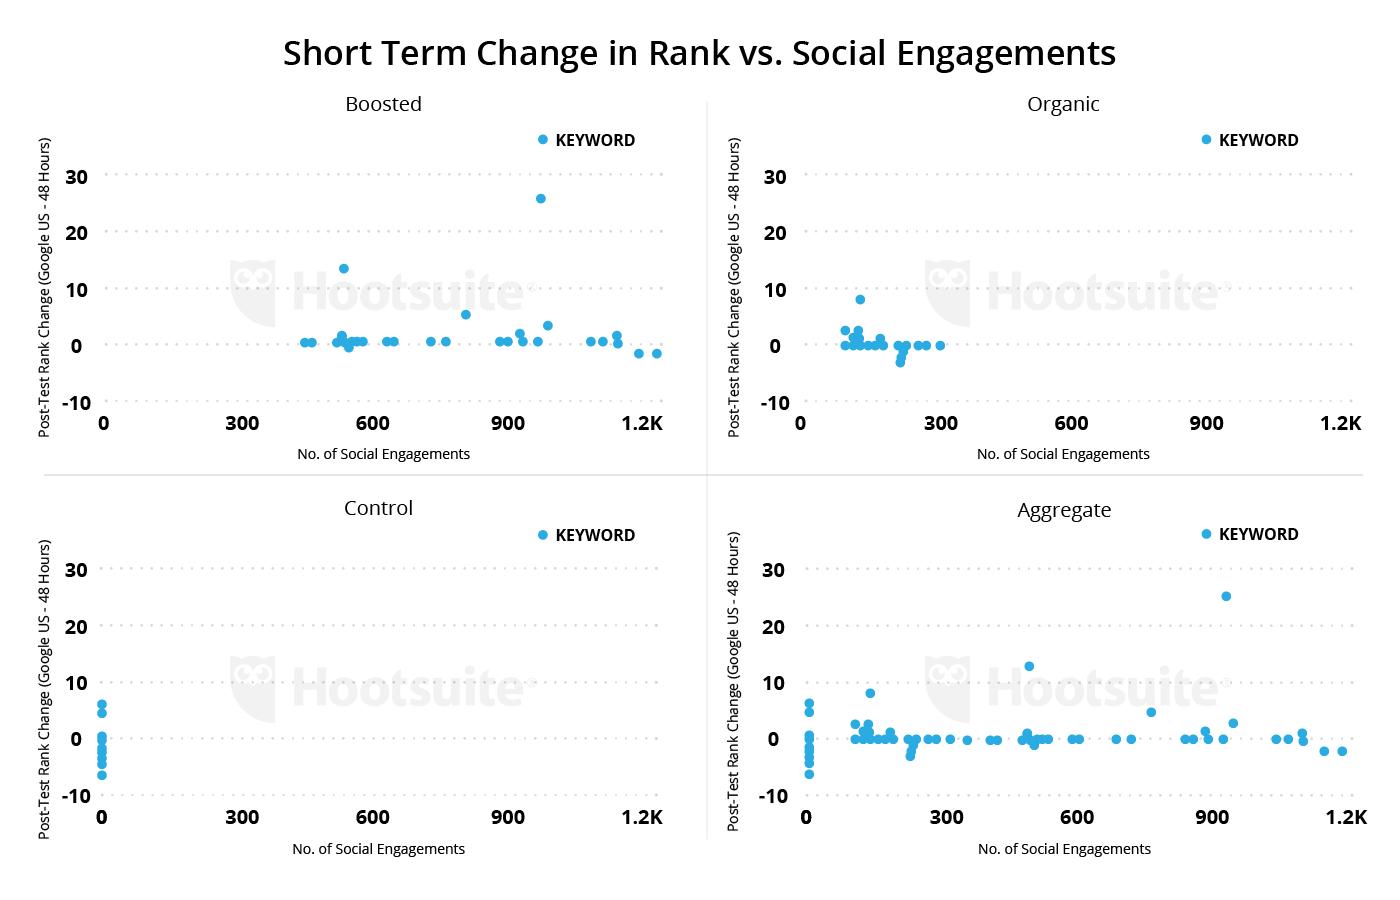 cambio a corto plazo en rango vs. compromiso social